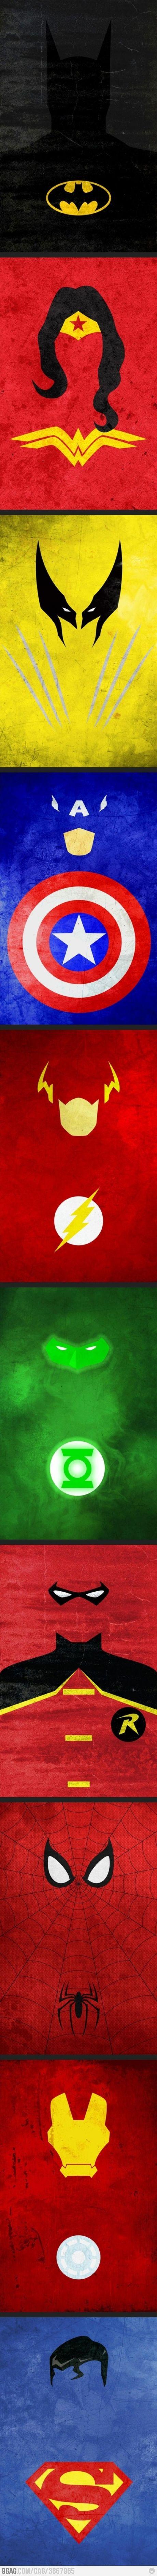 Minimalist Superheros